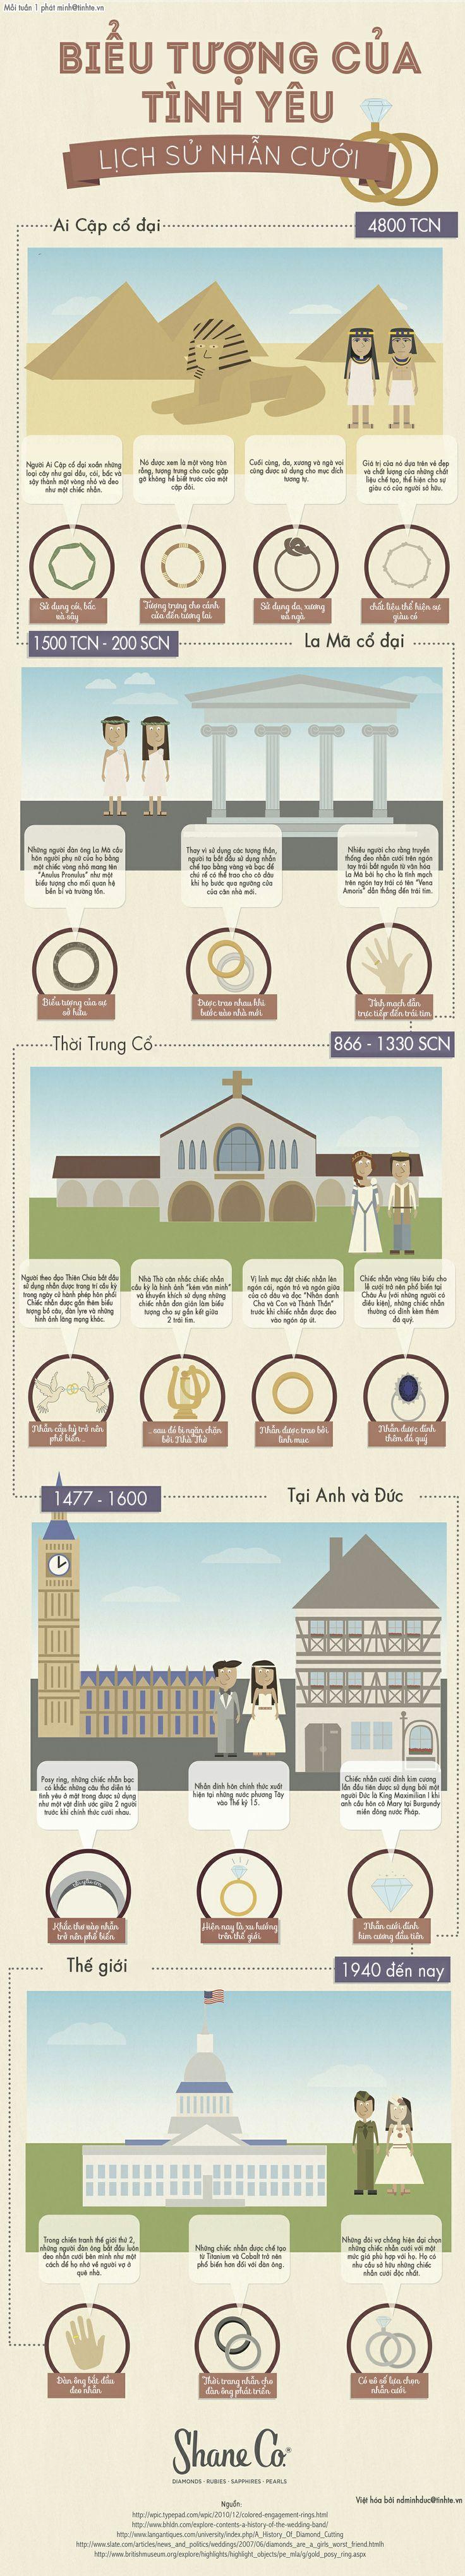 Lịch sử vể chiếc nhẫn cưới